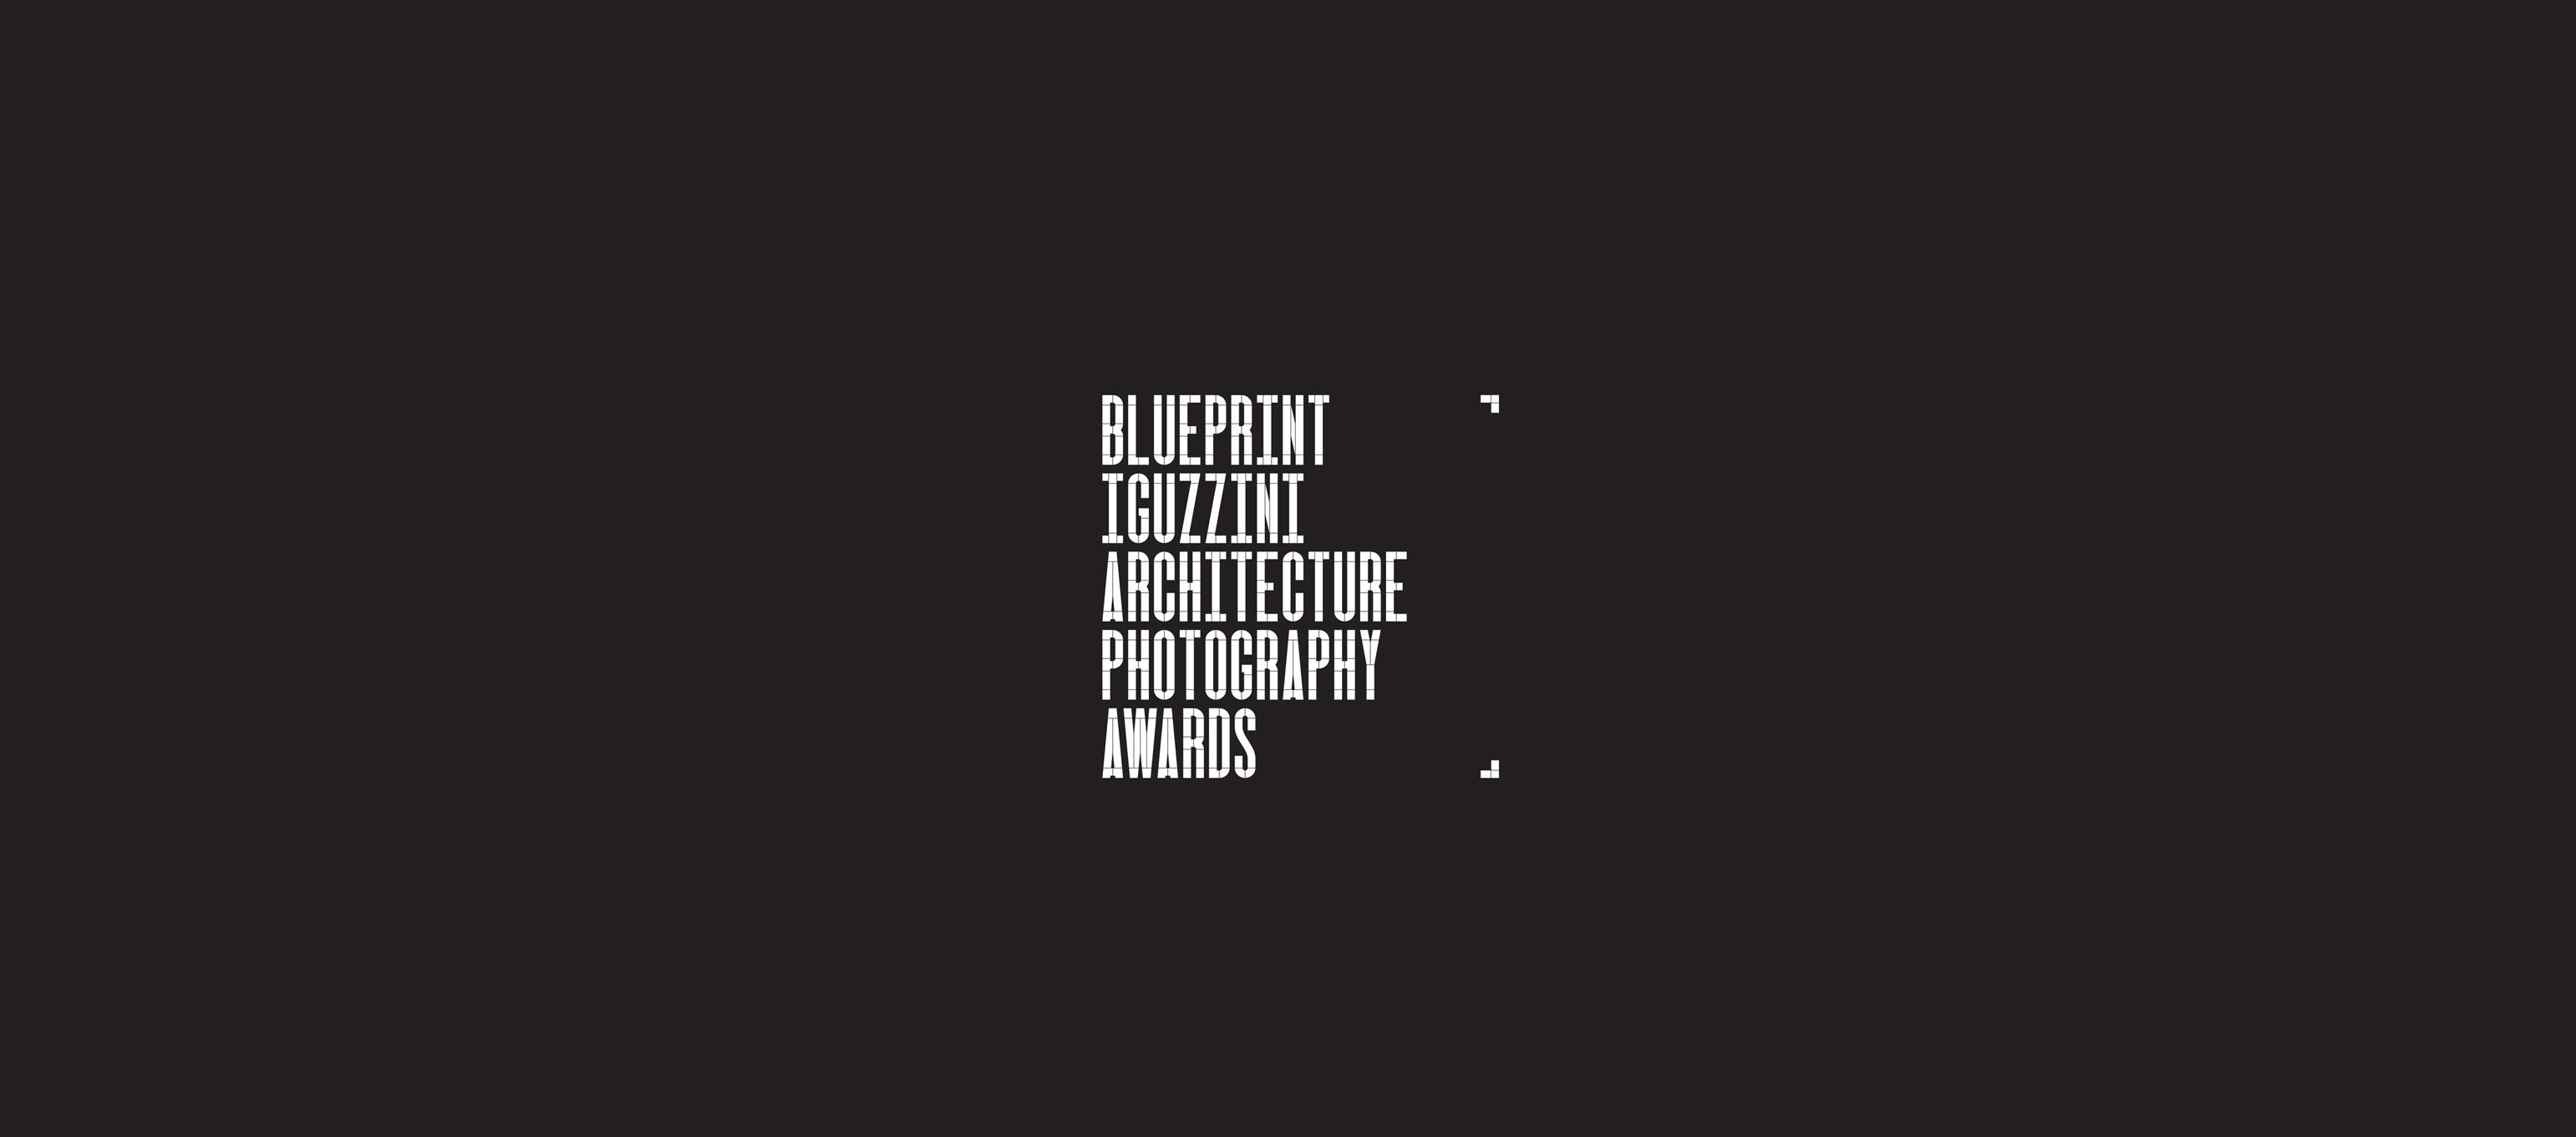 Blueprint iGuzzini Architecture Photography Awards